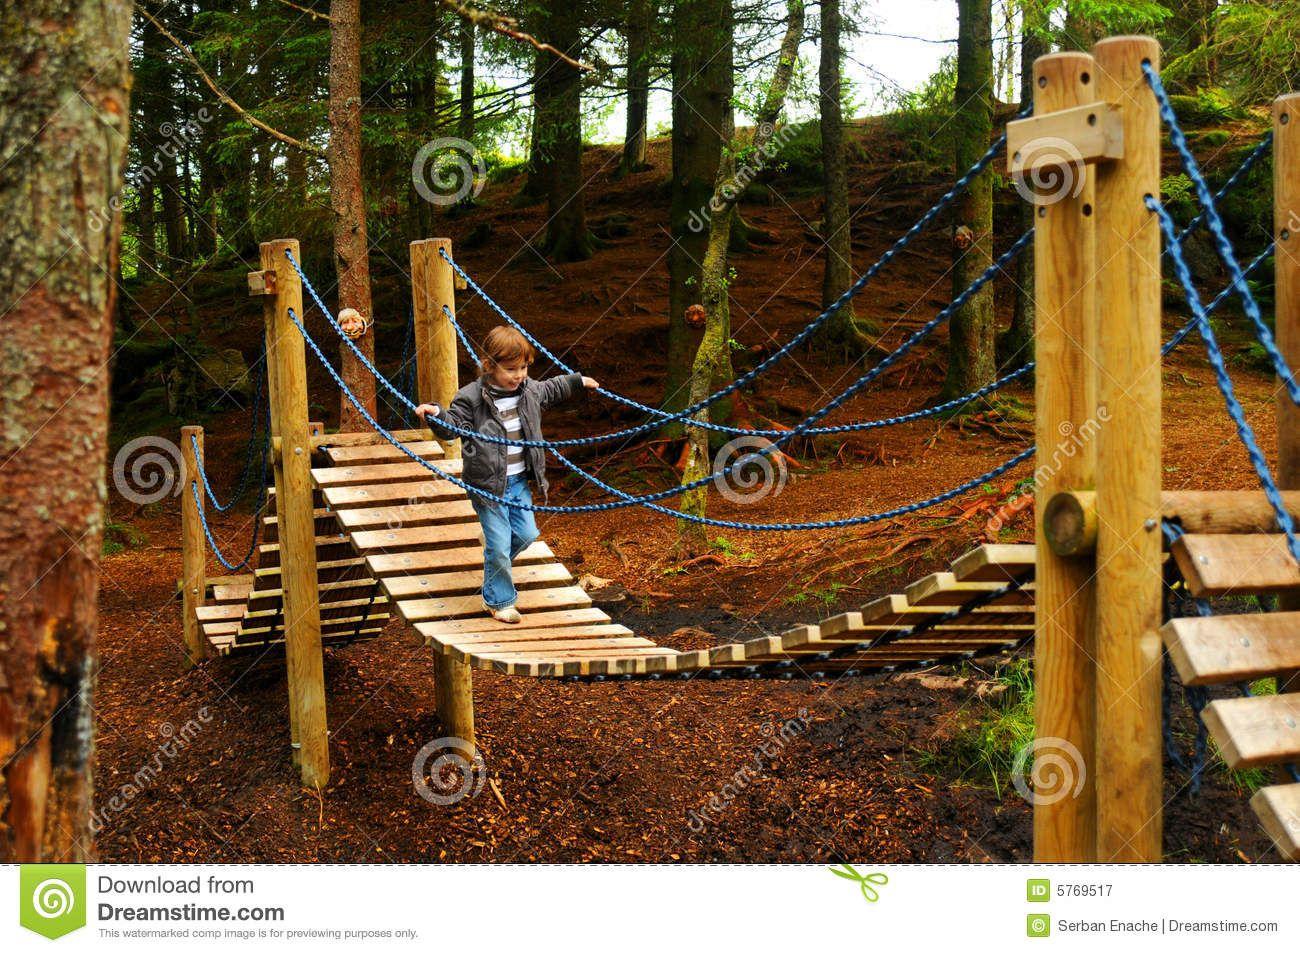 Child Playground Bridge 5769517 Jpg 1 300 953 Pixels Natural Playground Playground Backyard Fun